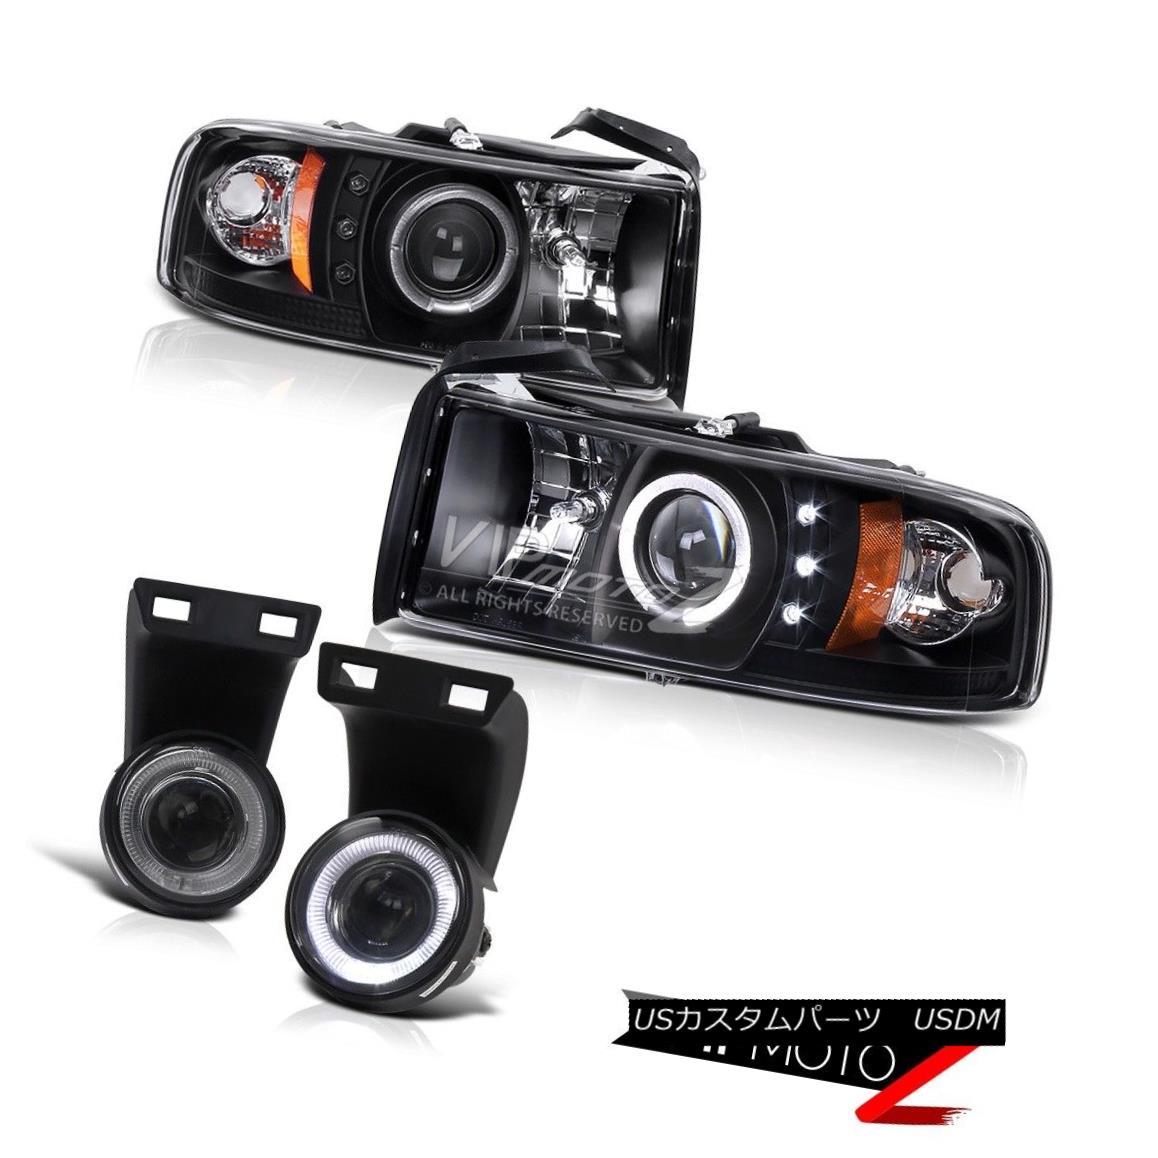 ヘッドライト Dodge 94-01 RAM L+R Black HaLo Projector Headlight+Smoke Angel Eye Fog Light Kit ドッジ94-01 RAM L + Rブラックハロープロジェクターヘッドライト+スモーク eエンジェルアイフォグライトキット